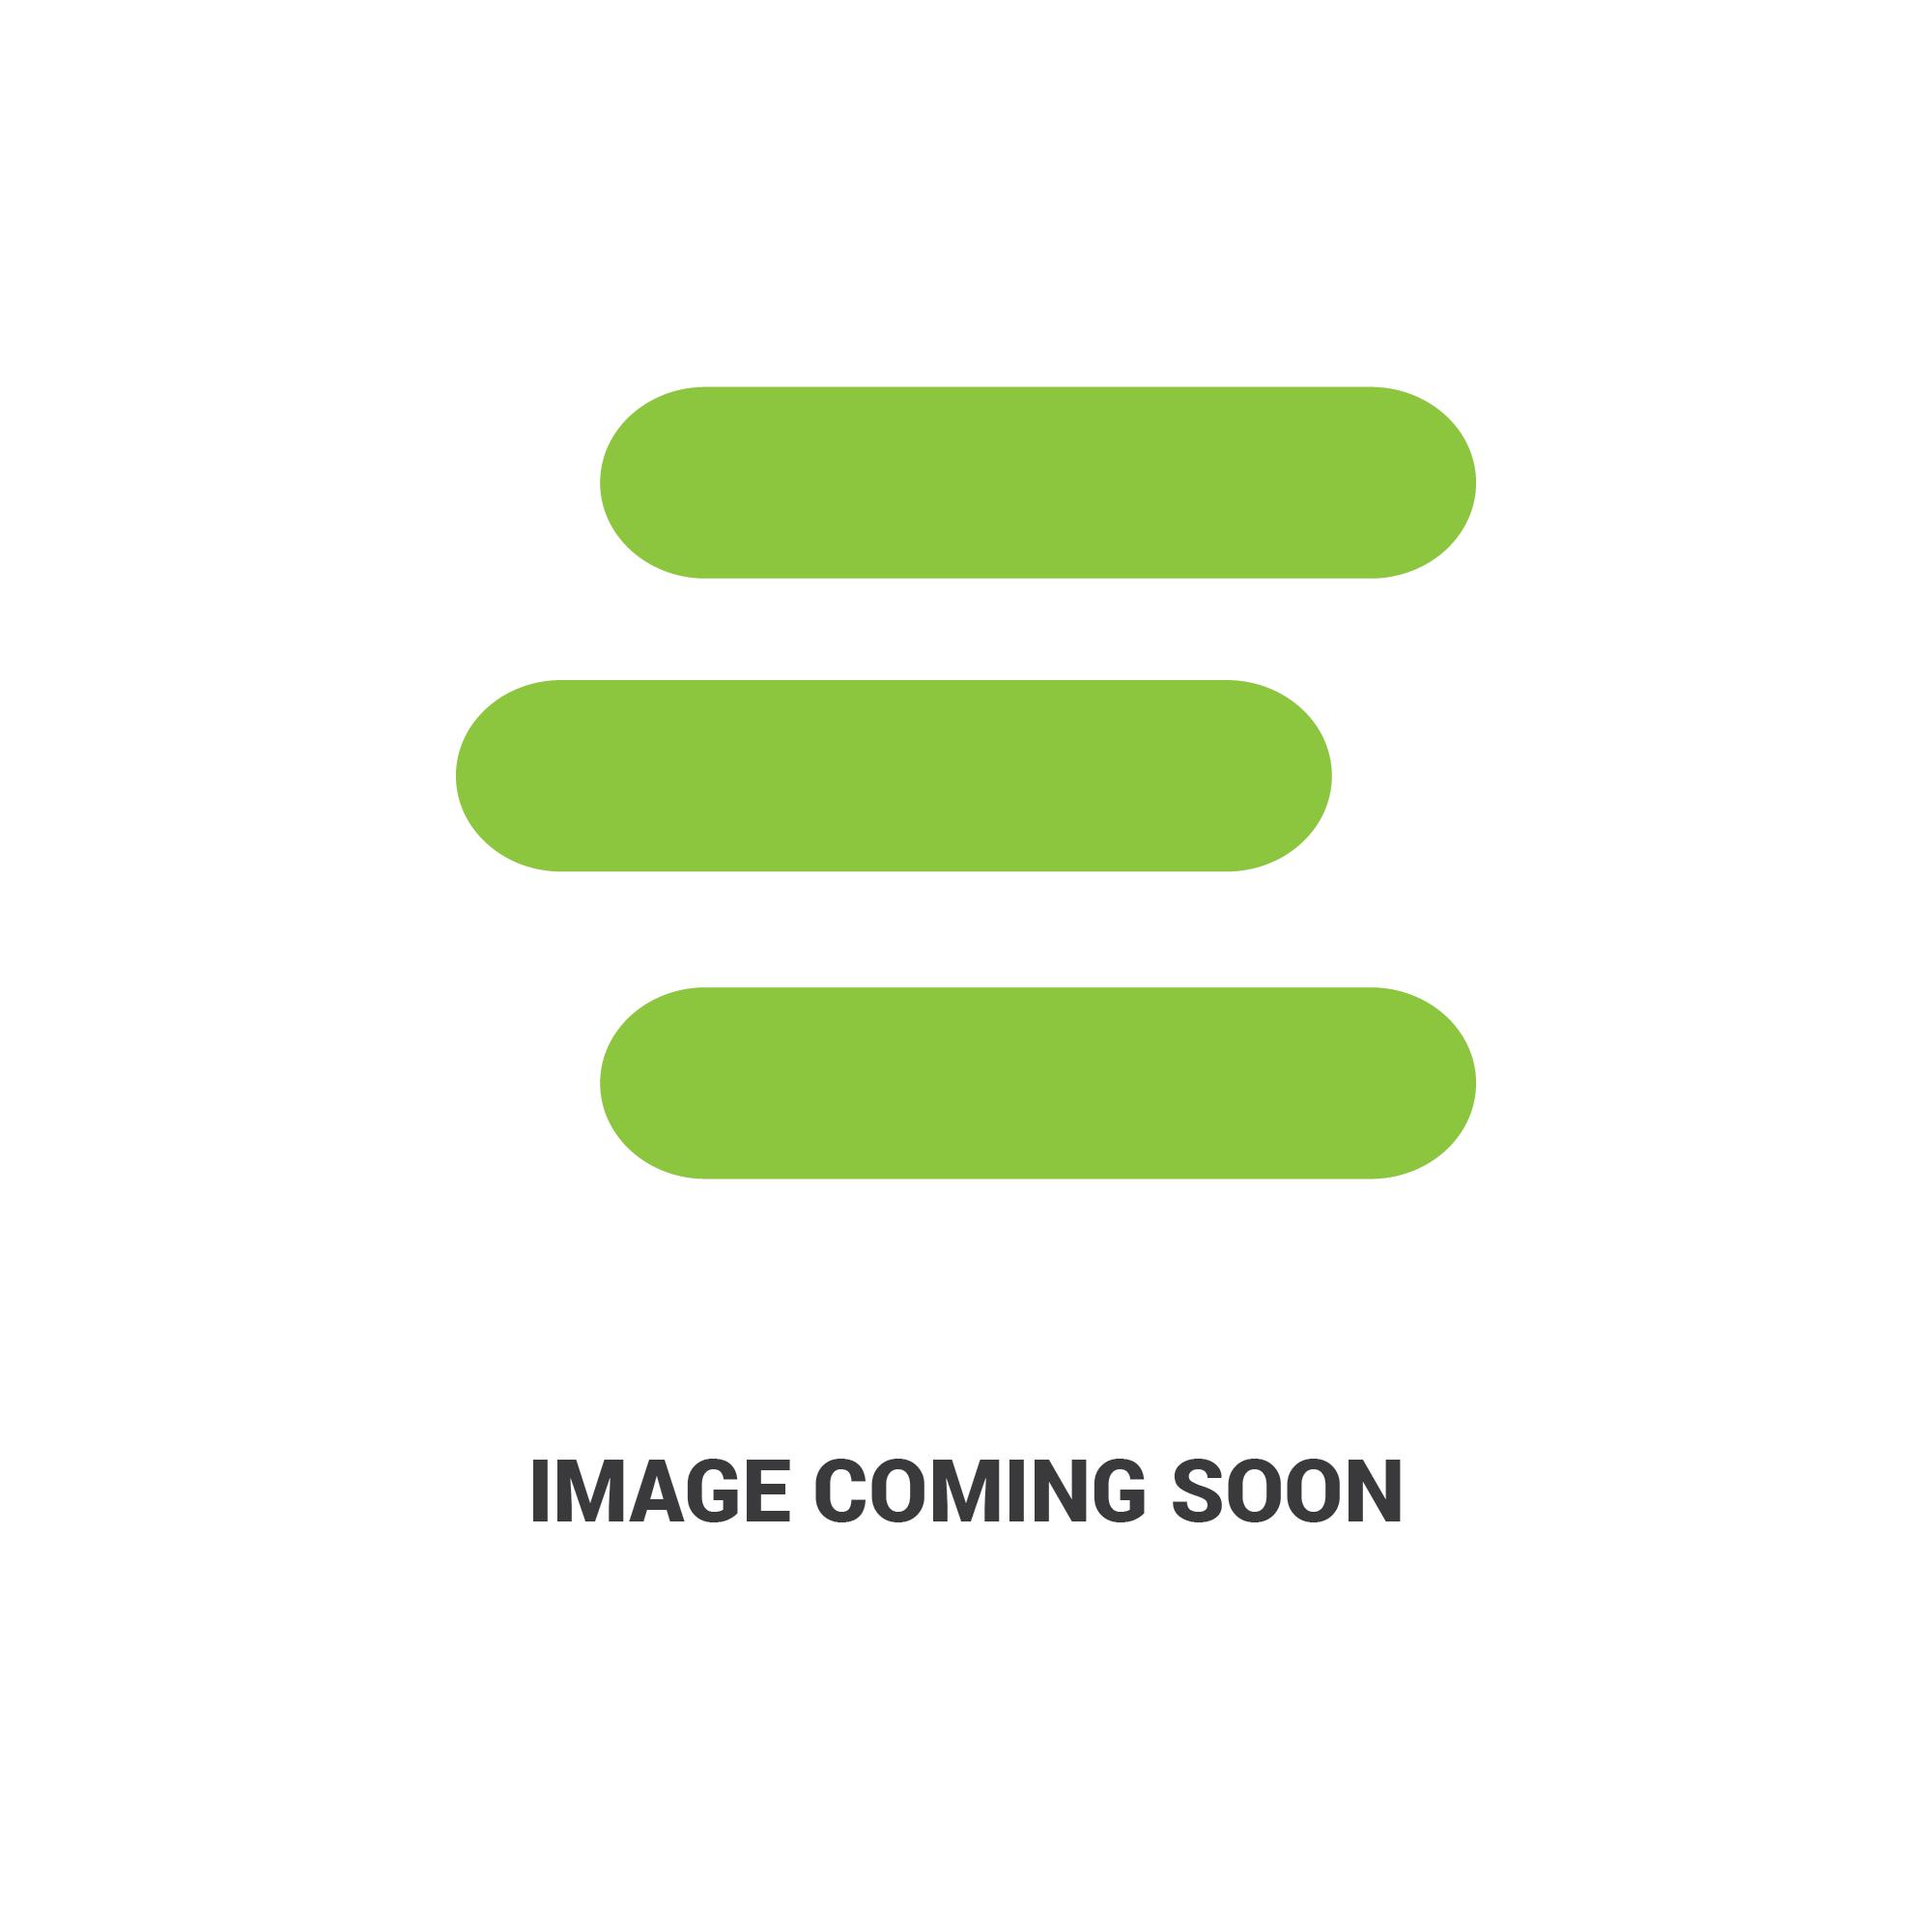 E-AL110629edit 1162.jpg